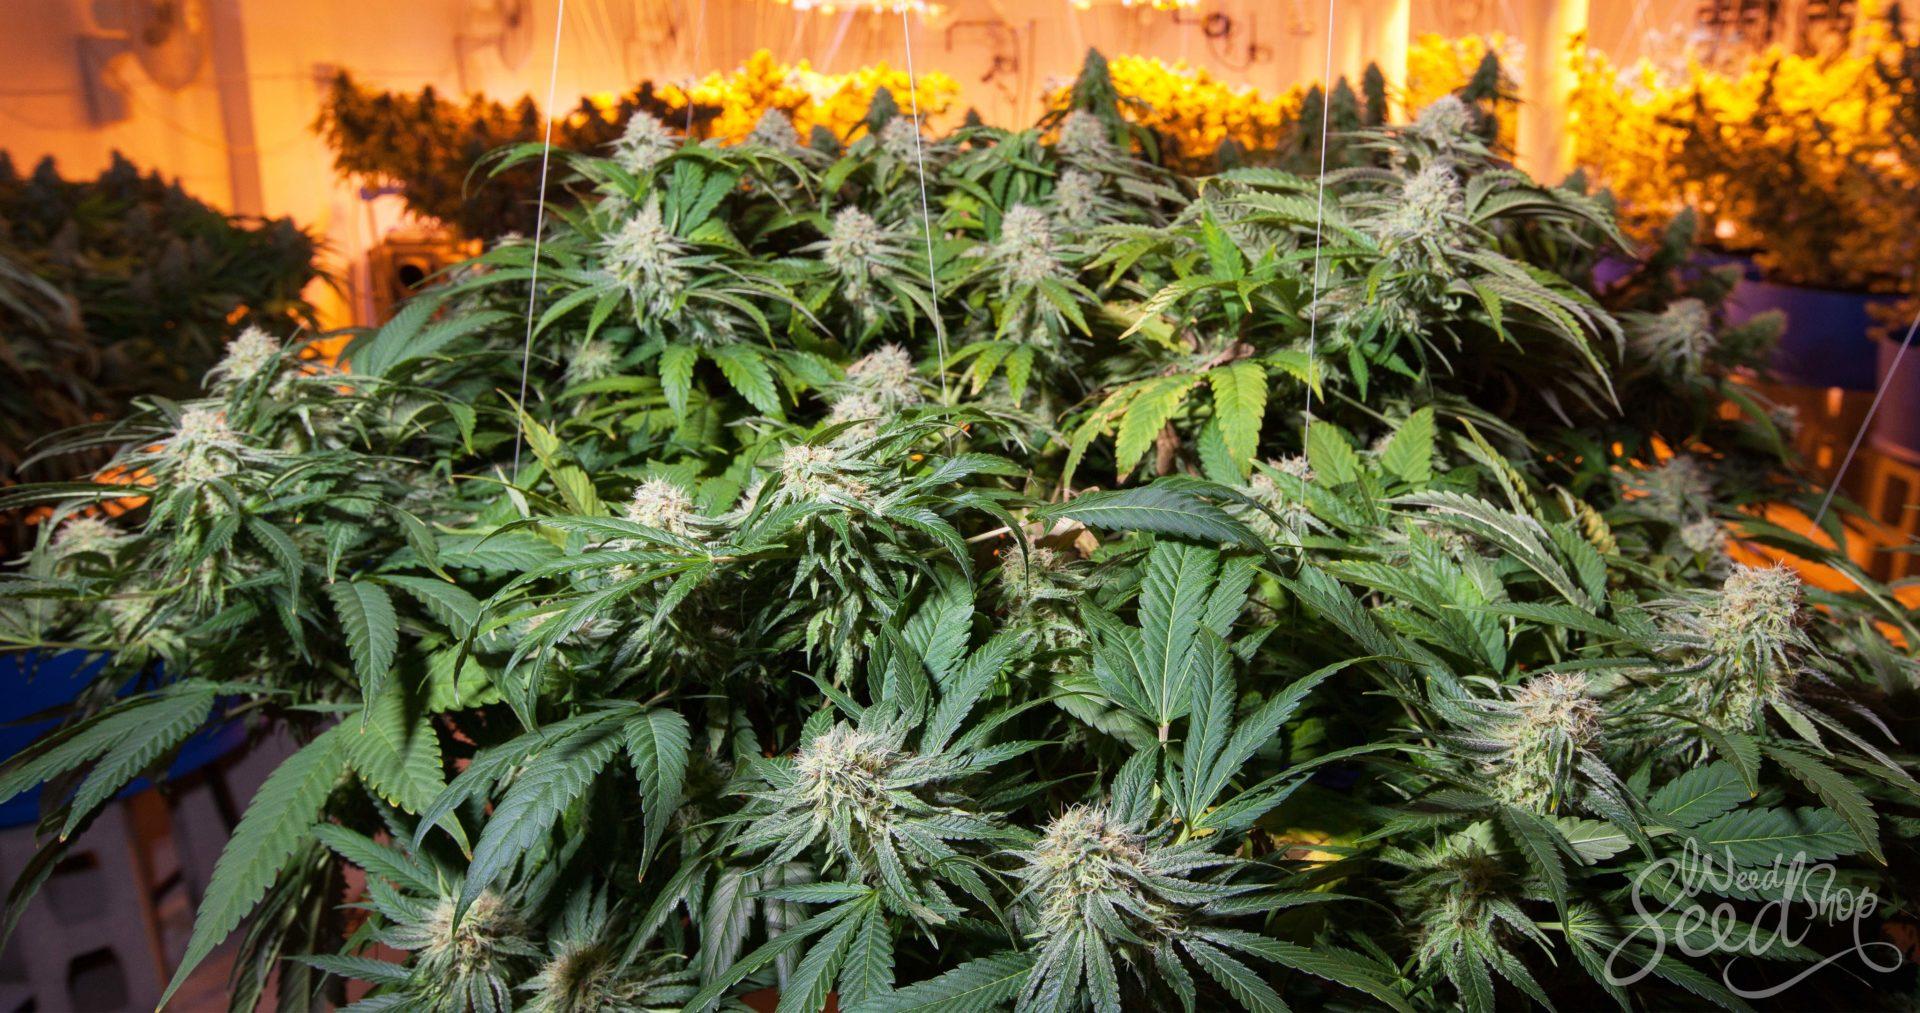 Les 10 meilleures variétés de cannabis à faire pousser en intérieur